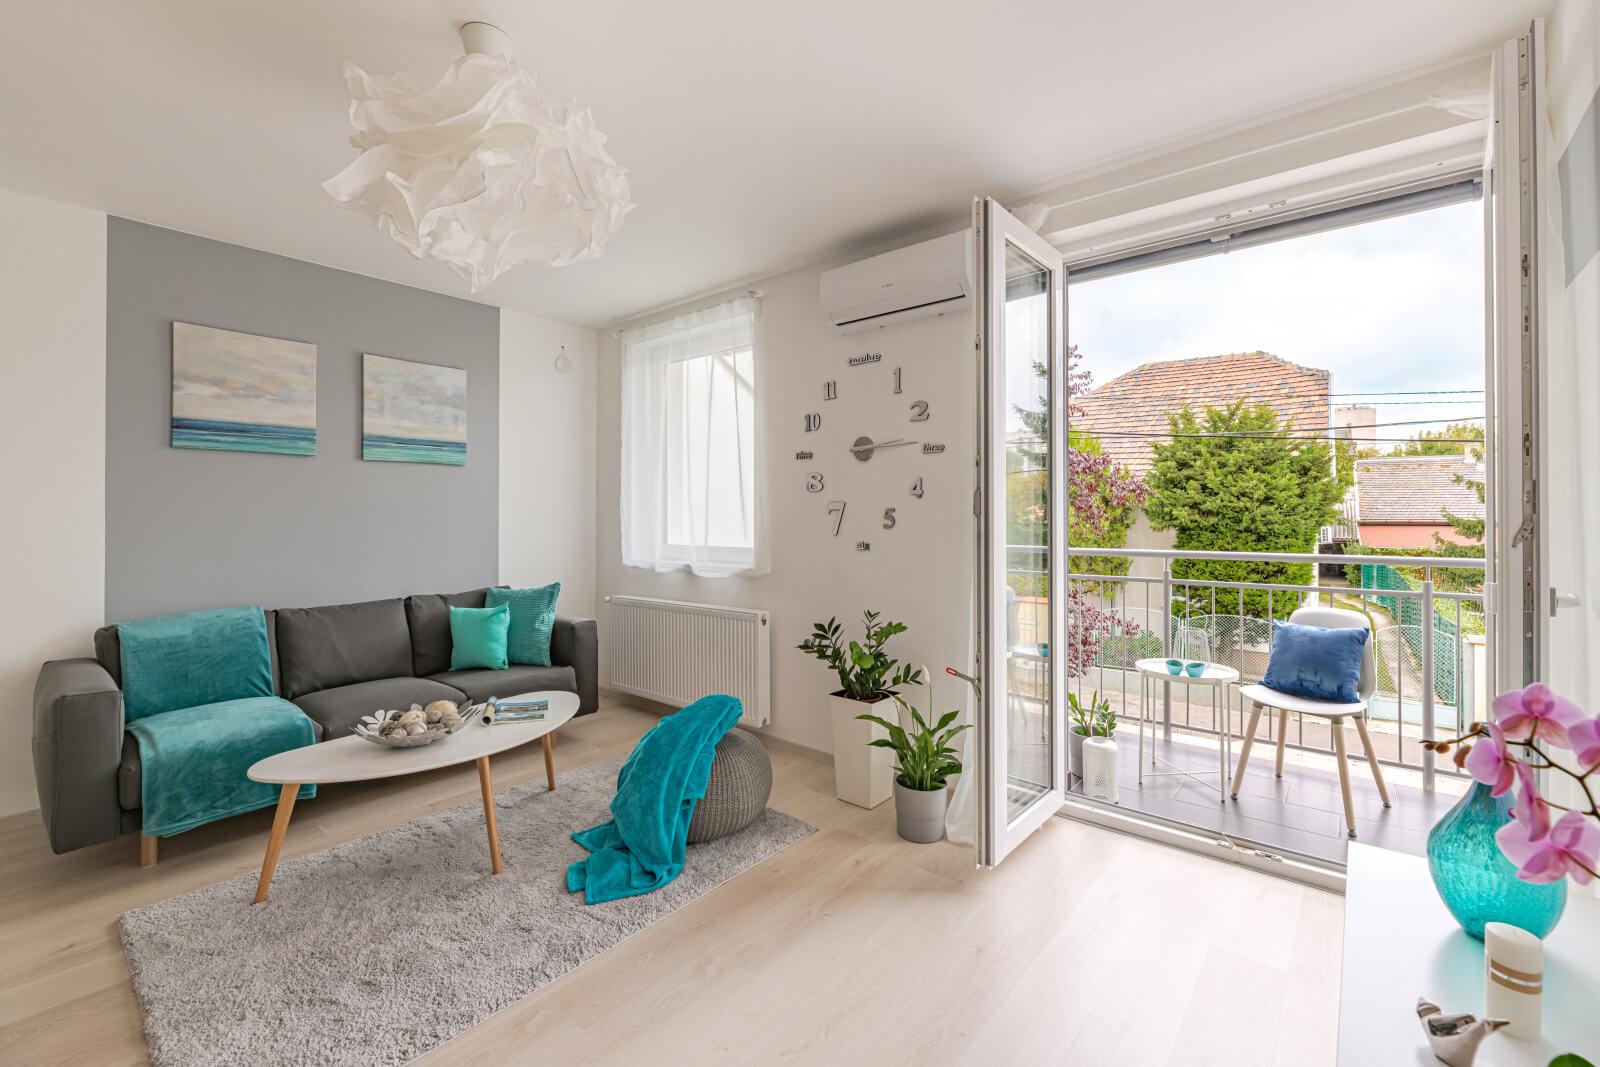 Kertvárosi idill a fővárosban: mindenkinek jut saját szoba ebben a gyönyörű új lakásban!